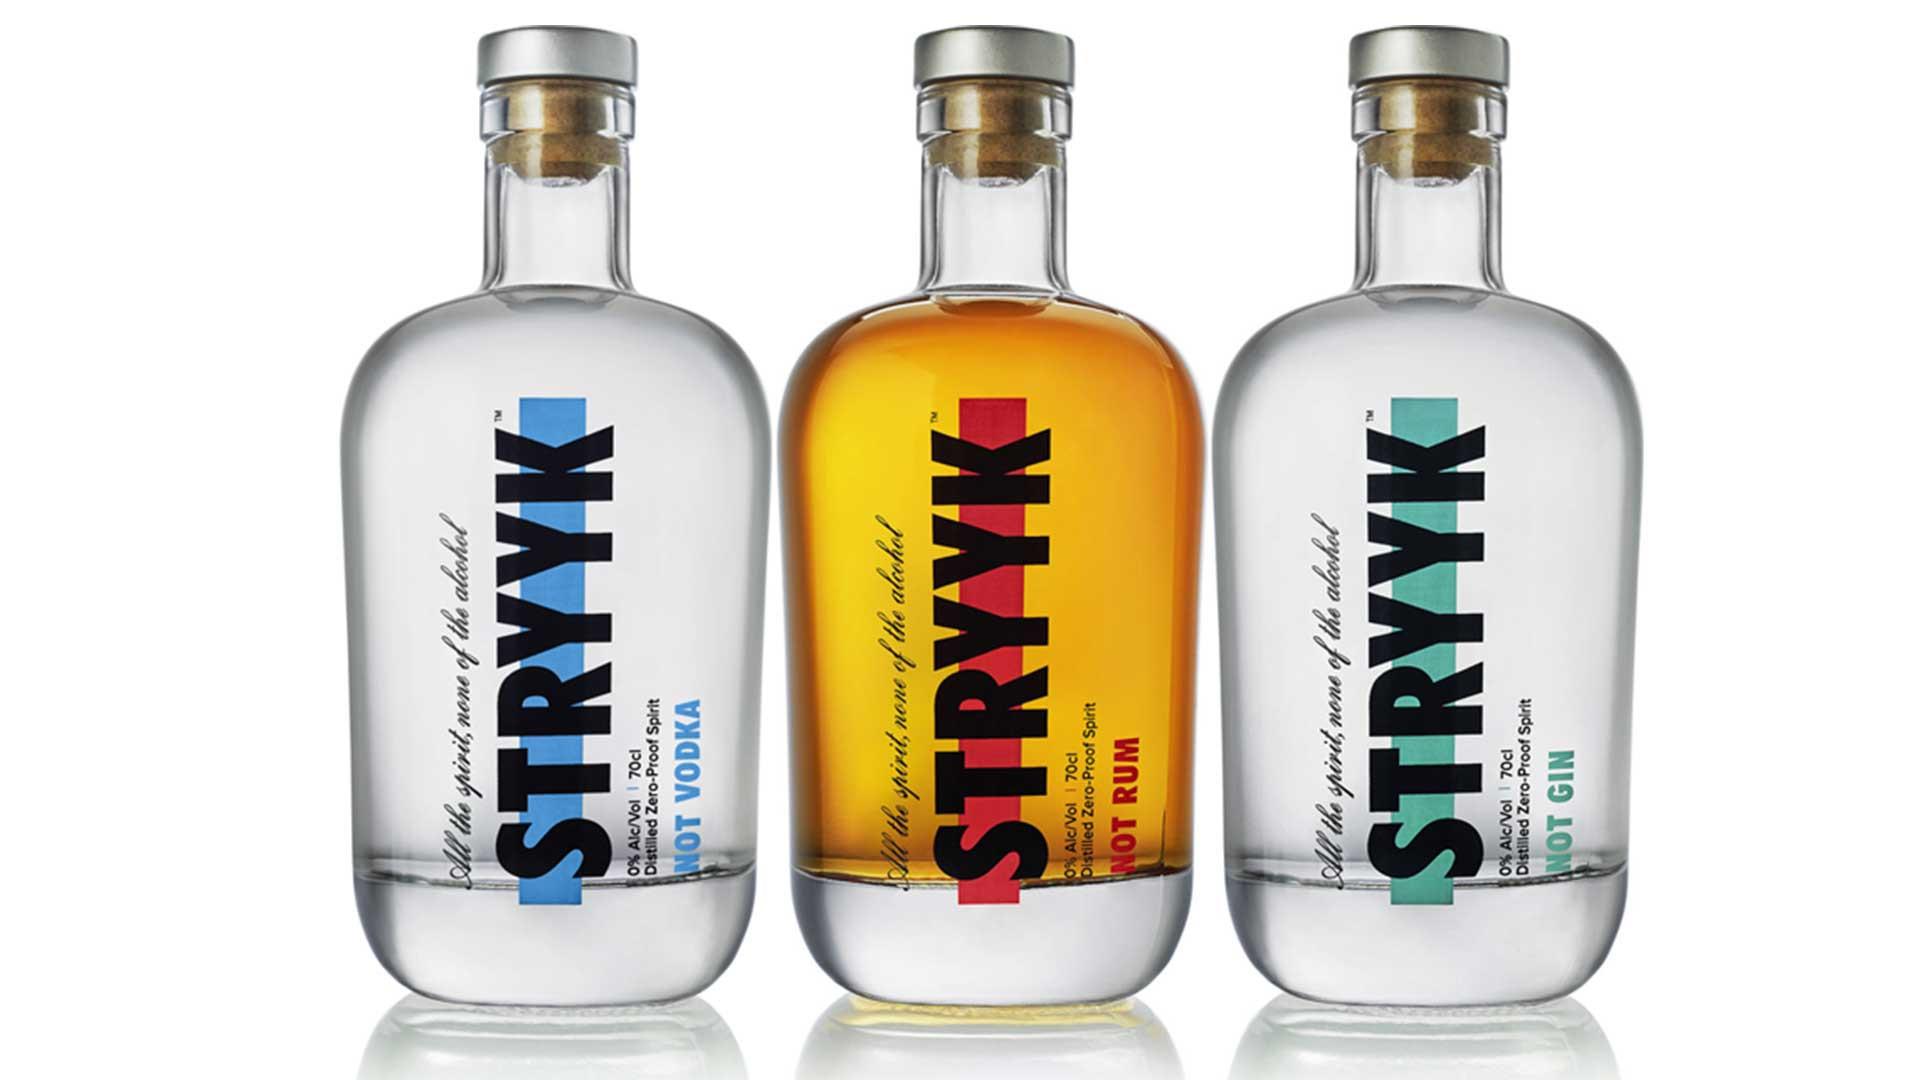 Stryyk bottles